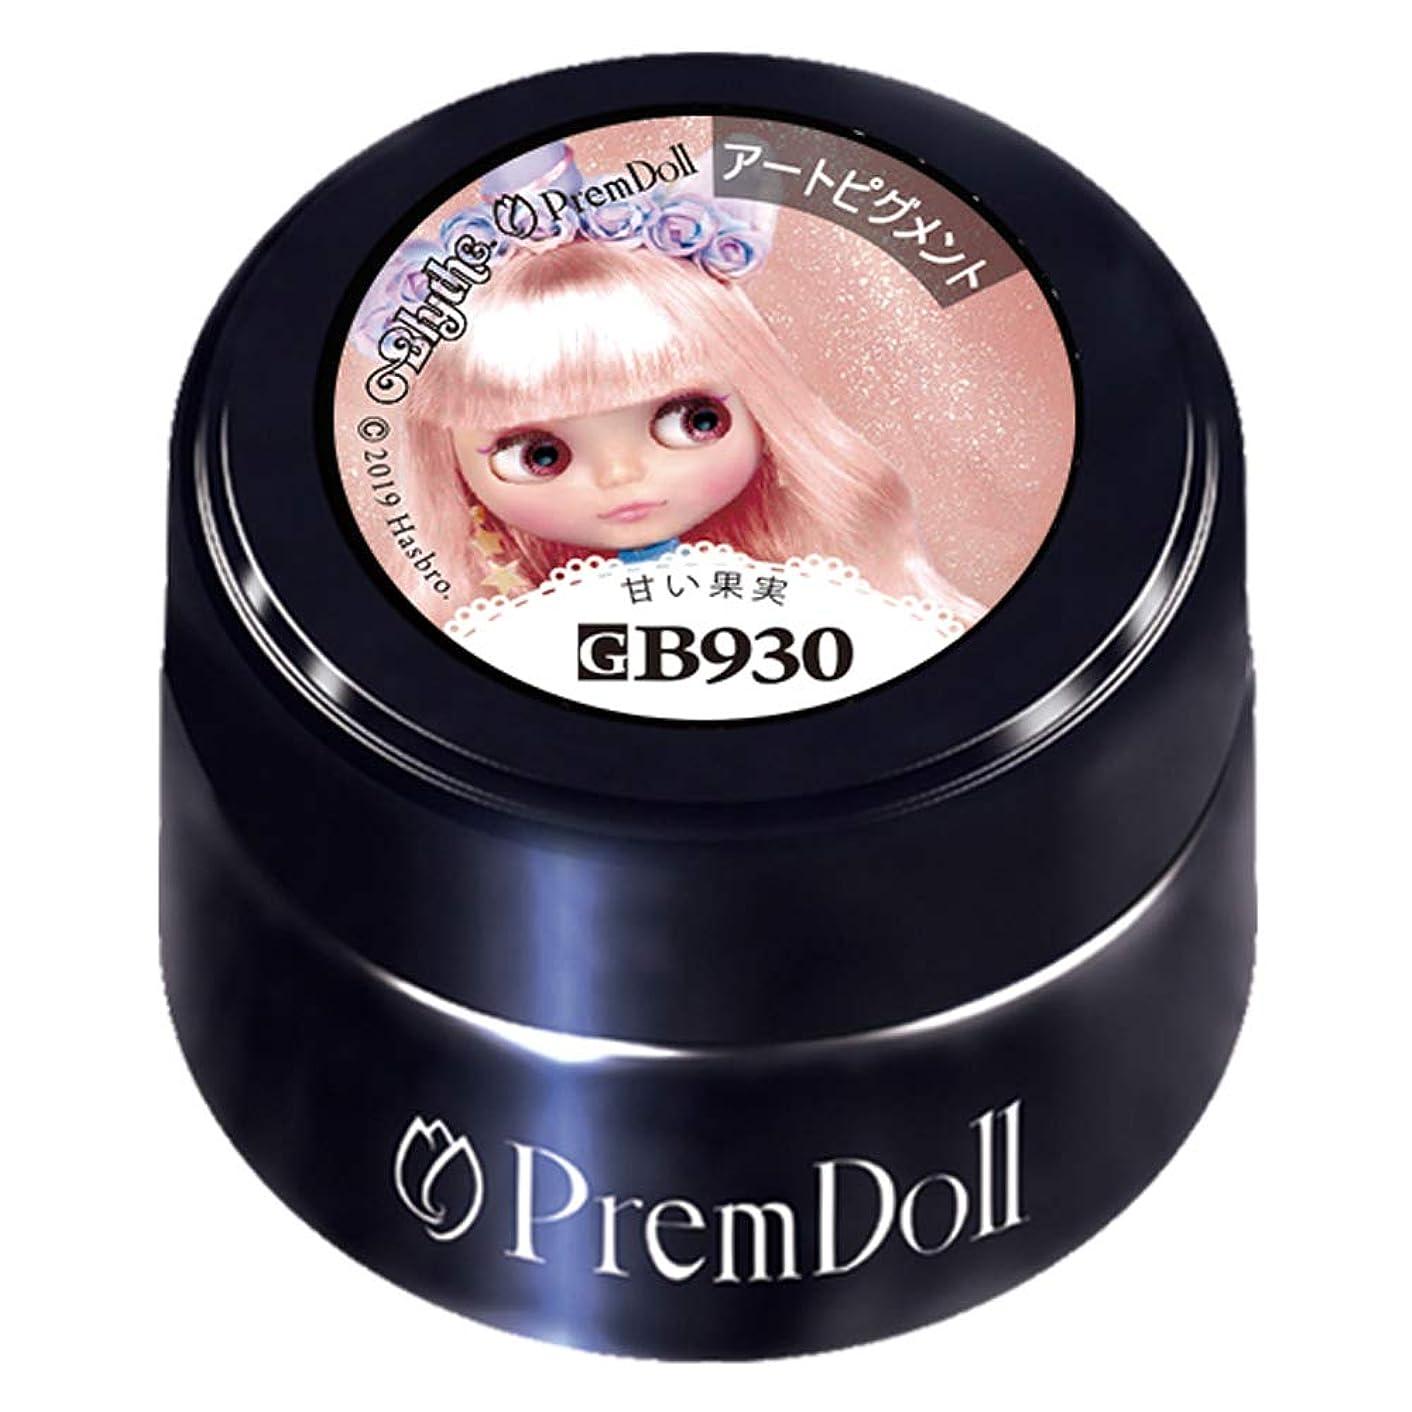 欠員品揃え日常的にPRE GEL(プリジェル) PRE GEL プリムドール 甘い果実 3g DOLL-B930 カラージェル UV/LED対応 ジェルネイル